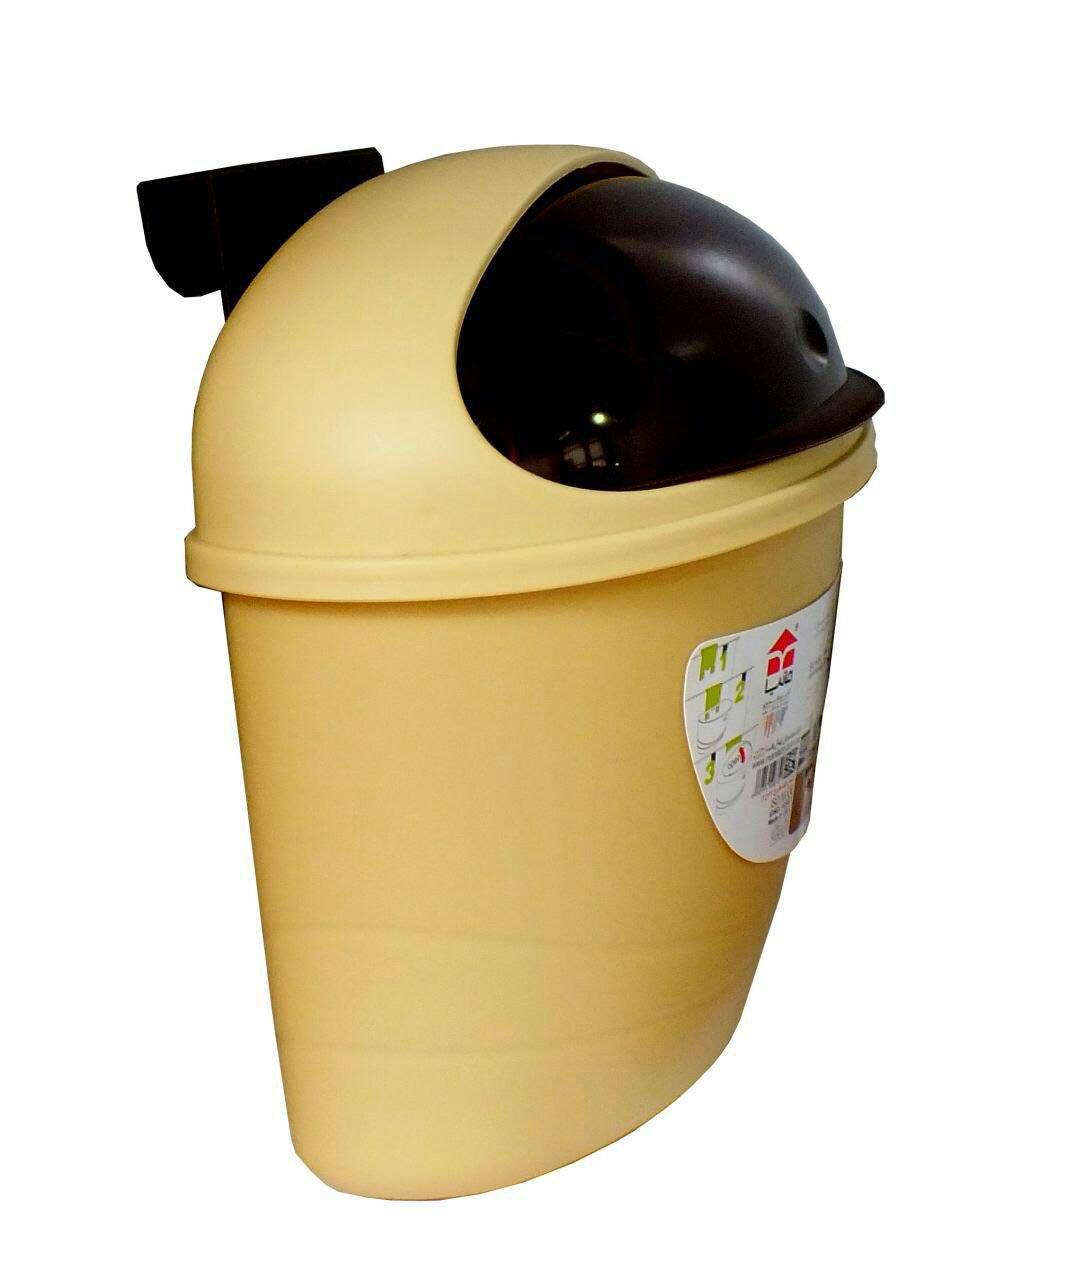 خرید سطل زباله سینک آشپزخانه شکل استوانه